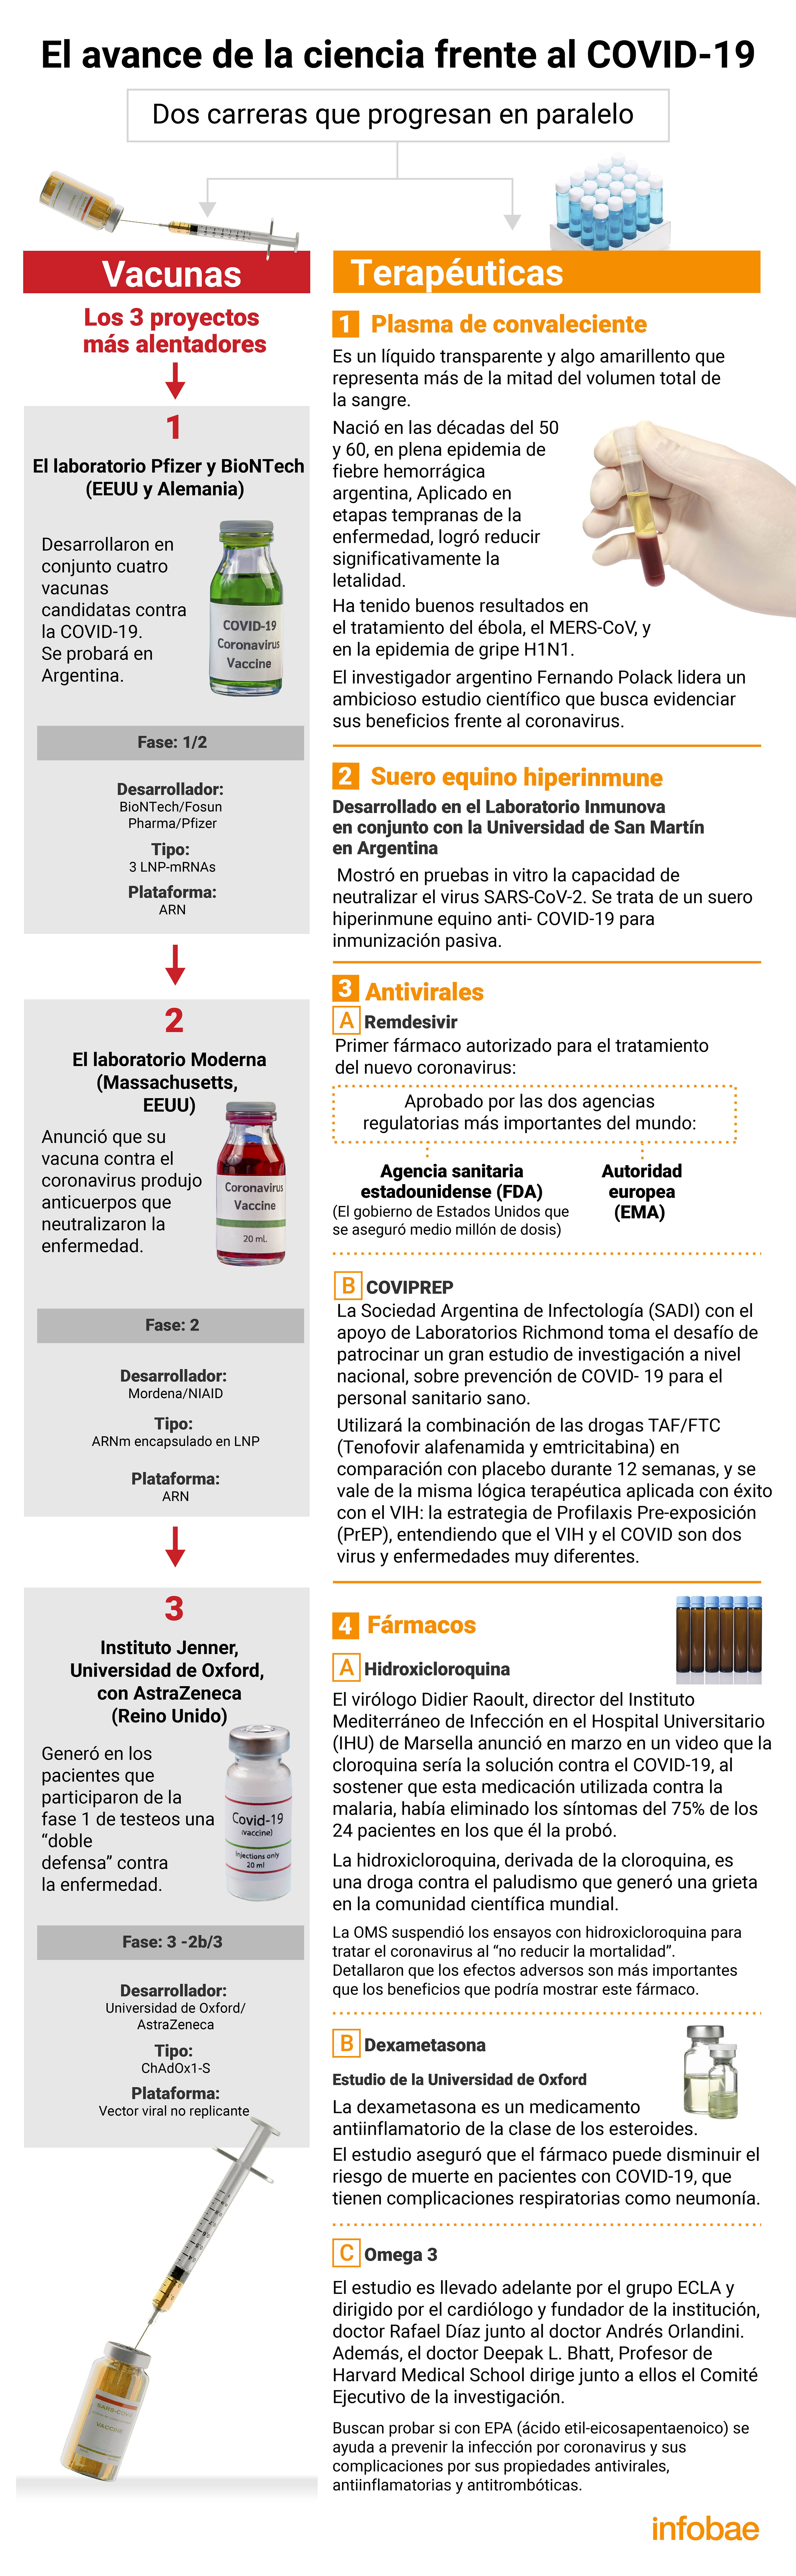 El avance de la ciencia frente al COVID-19 (Infografía: Marcelo Regalado)